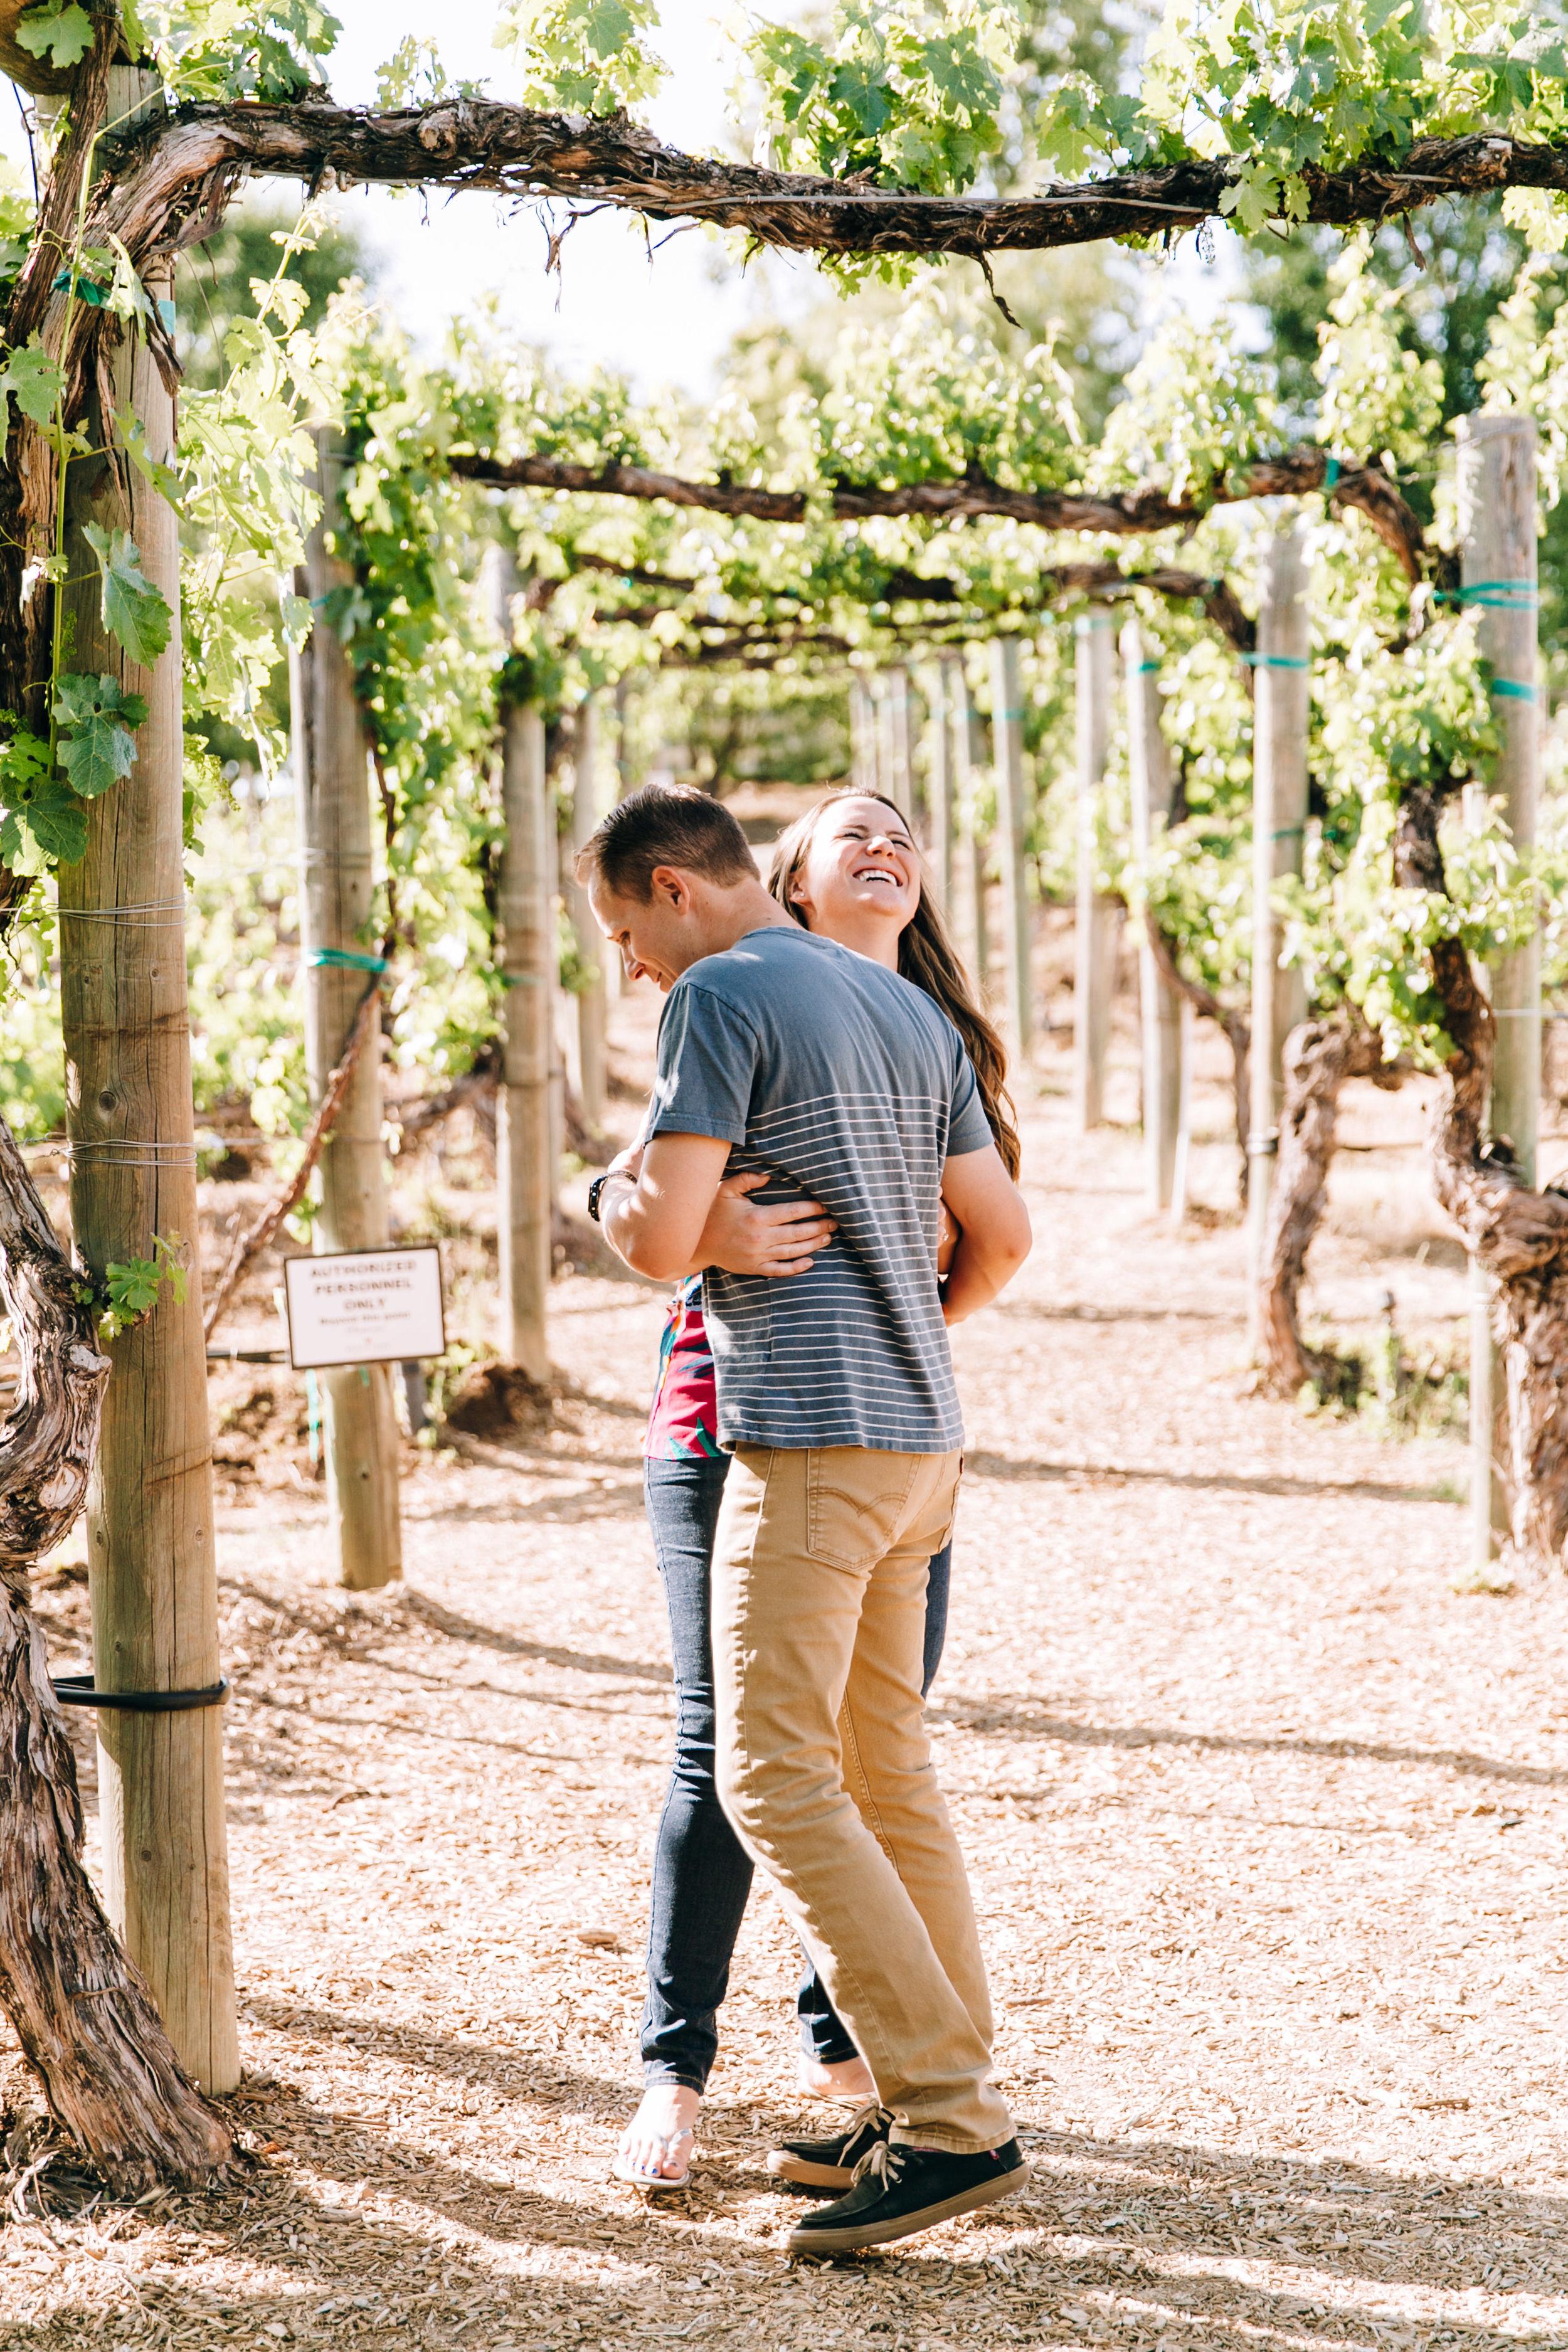 Temecula engagement photographer, SoCal wedding photographer, Southern California engagement photographer, Wilson Creek Winery engagement photographer, Wilson Creek engagement shoot, Temecula shoot